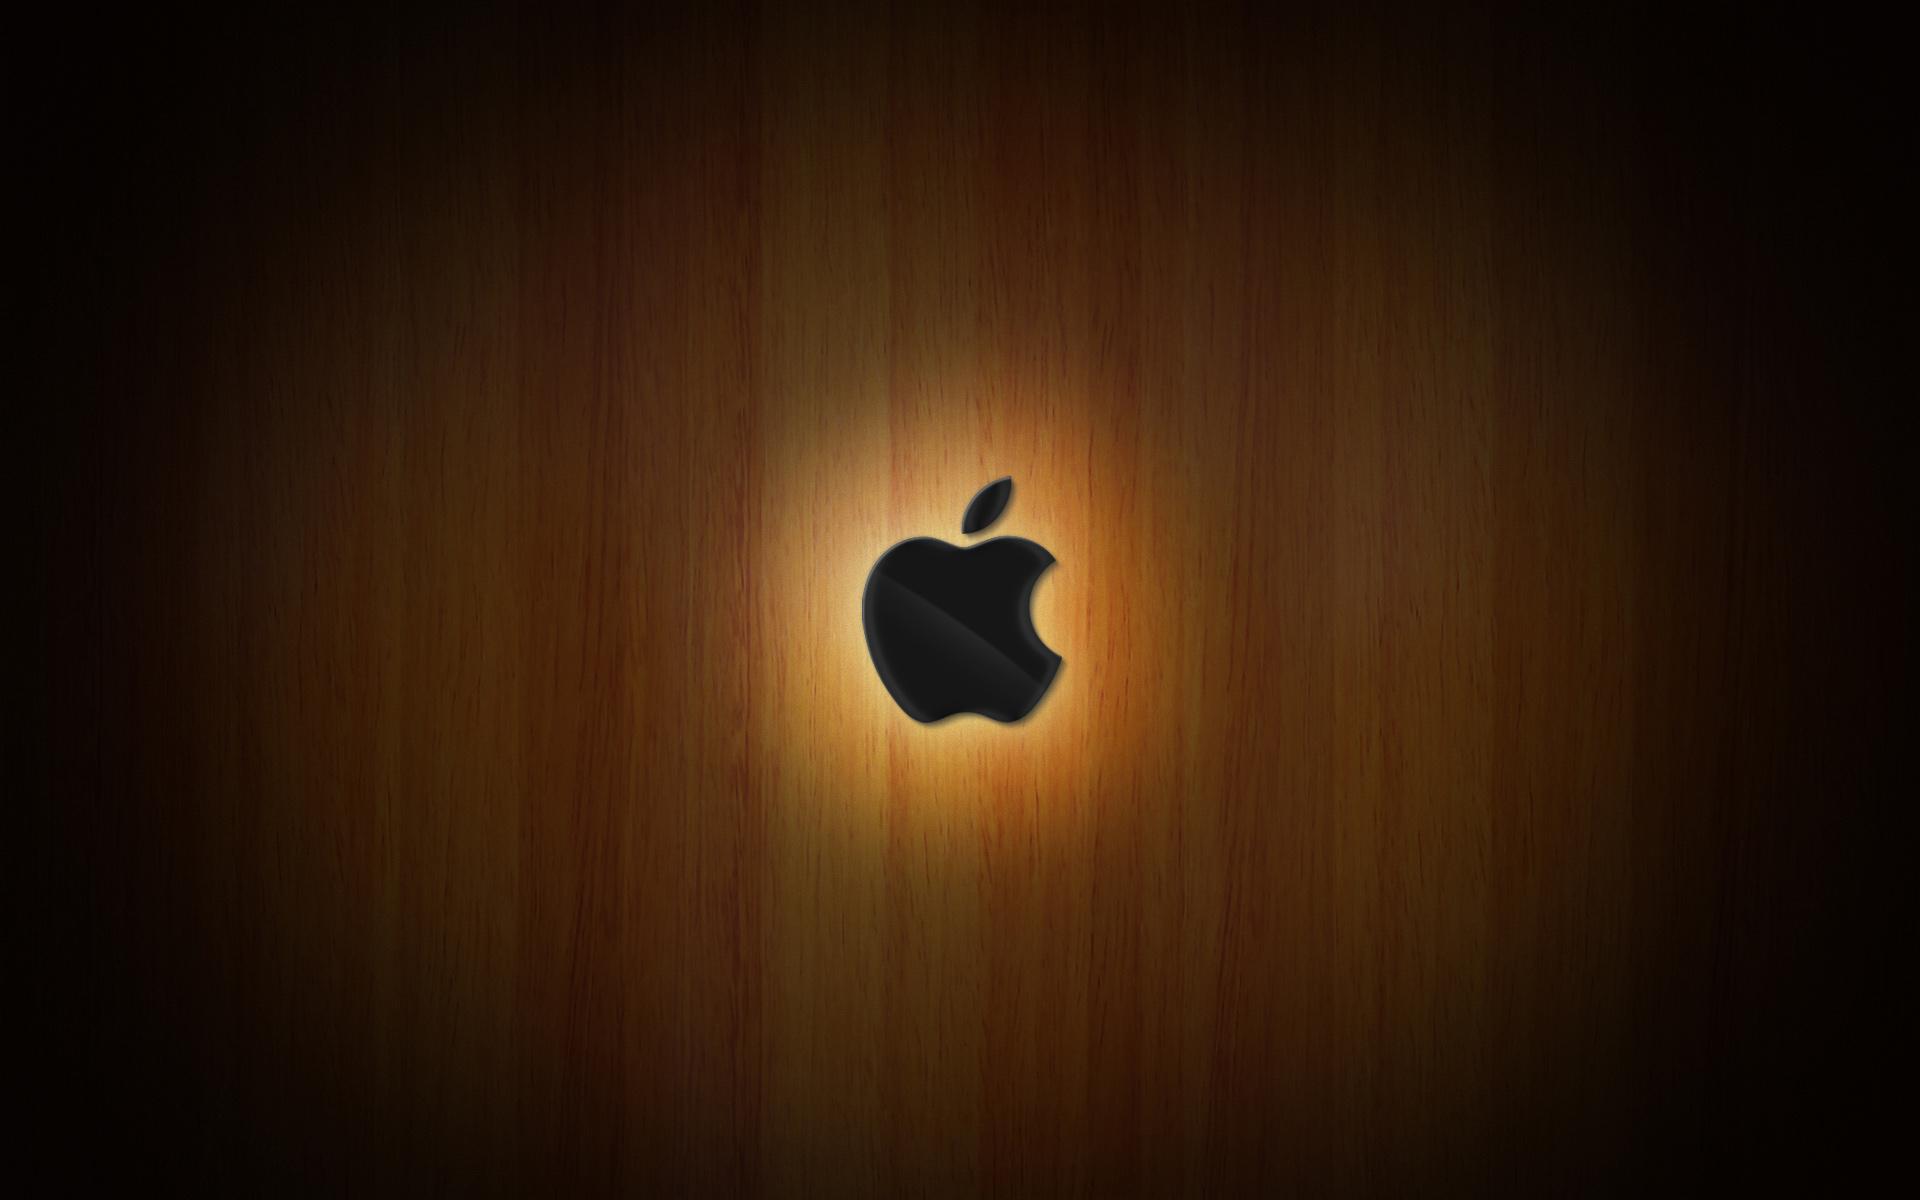 apple desktop backgrounds   WallpaperAsk 1920x1200